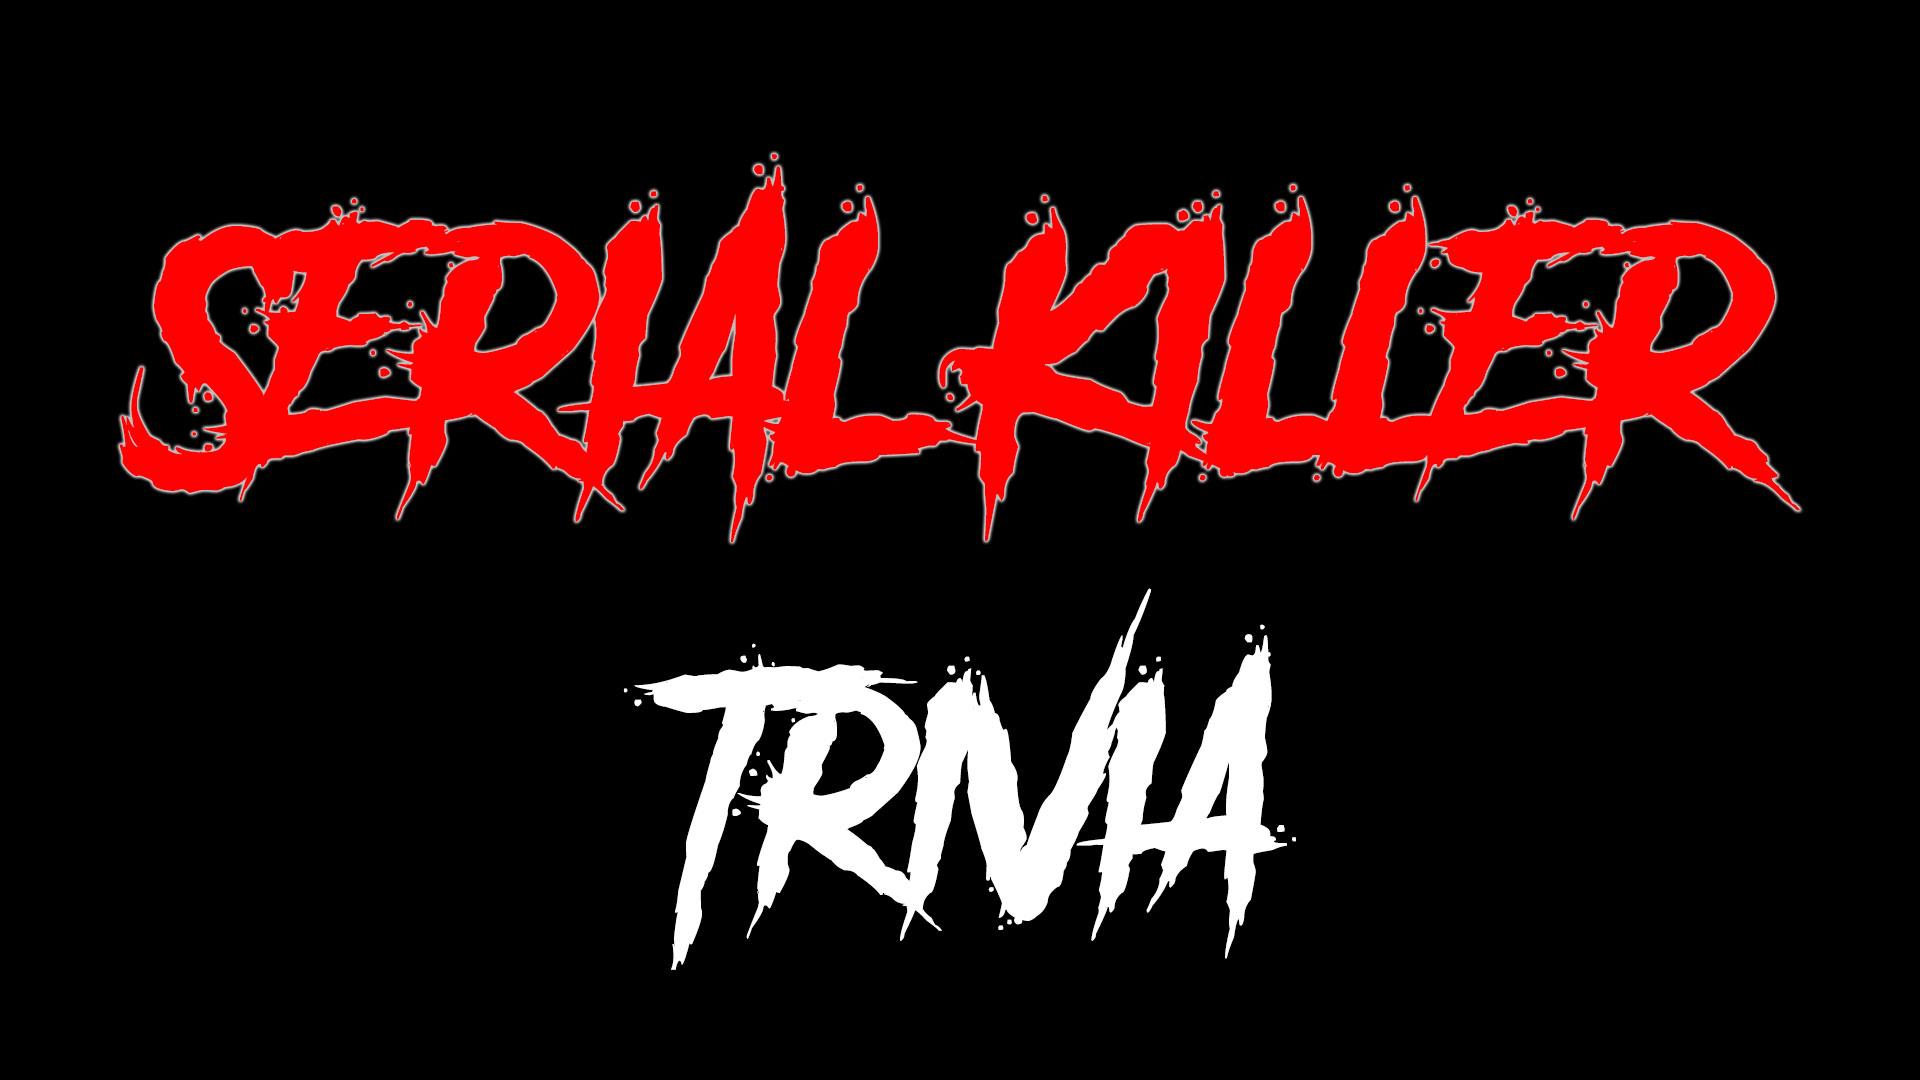 SERIAL-KILLER-EVENT.jpg